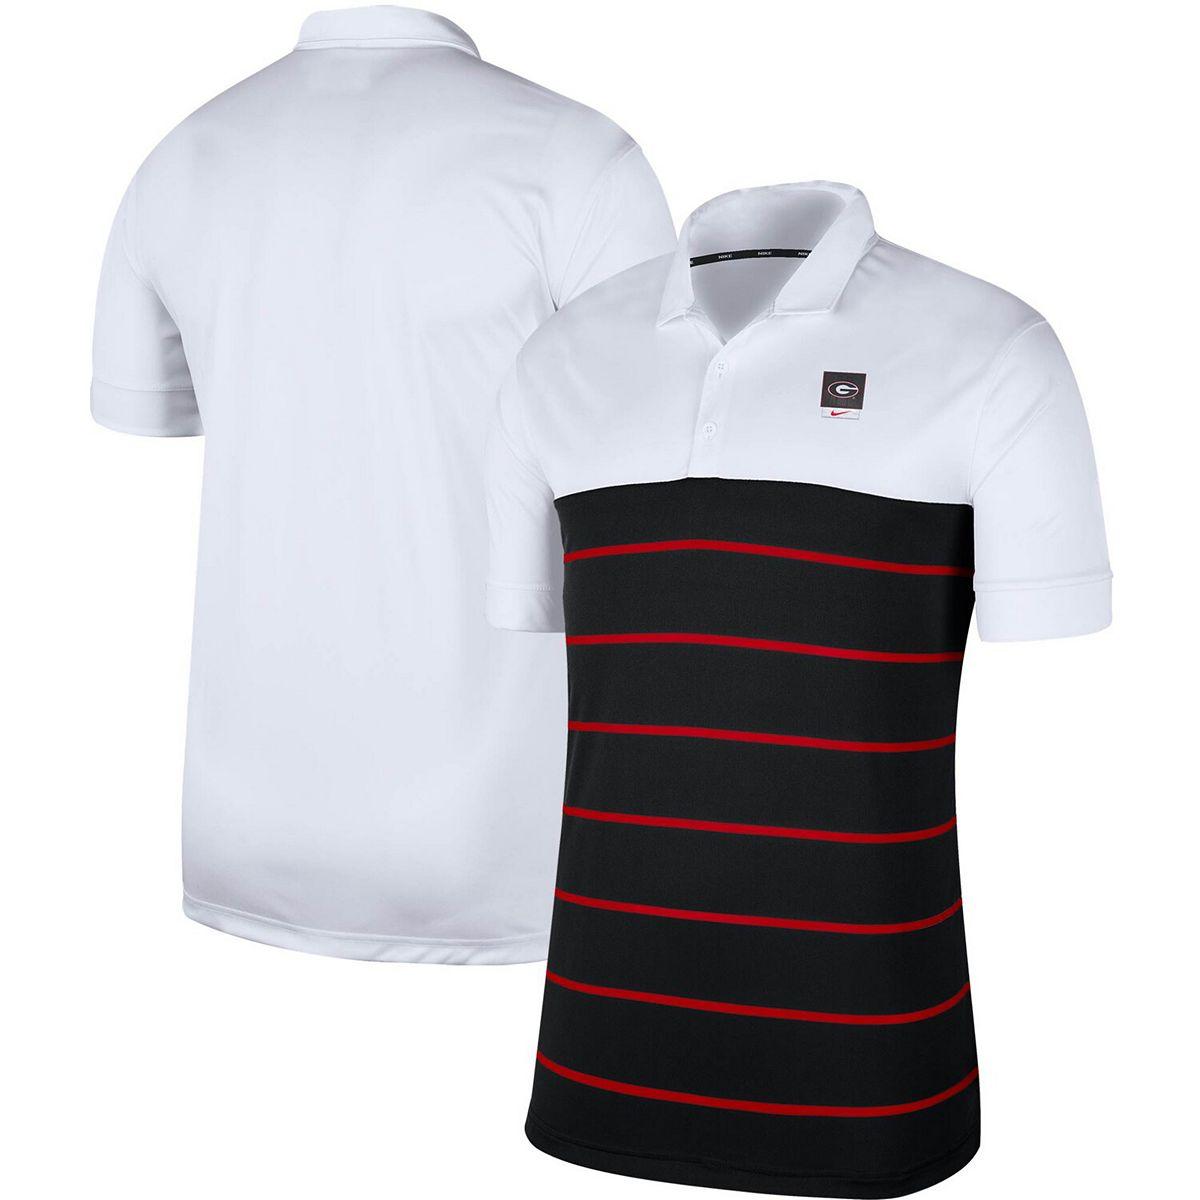 Men's Nike White/Black Georgia Bulldogs Striped Polo s3qwh